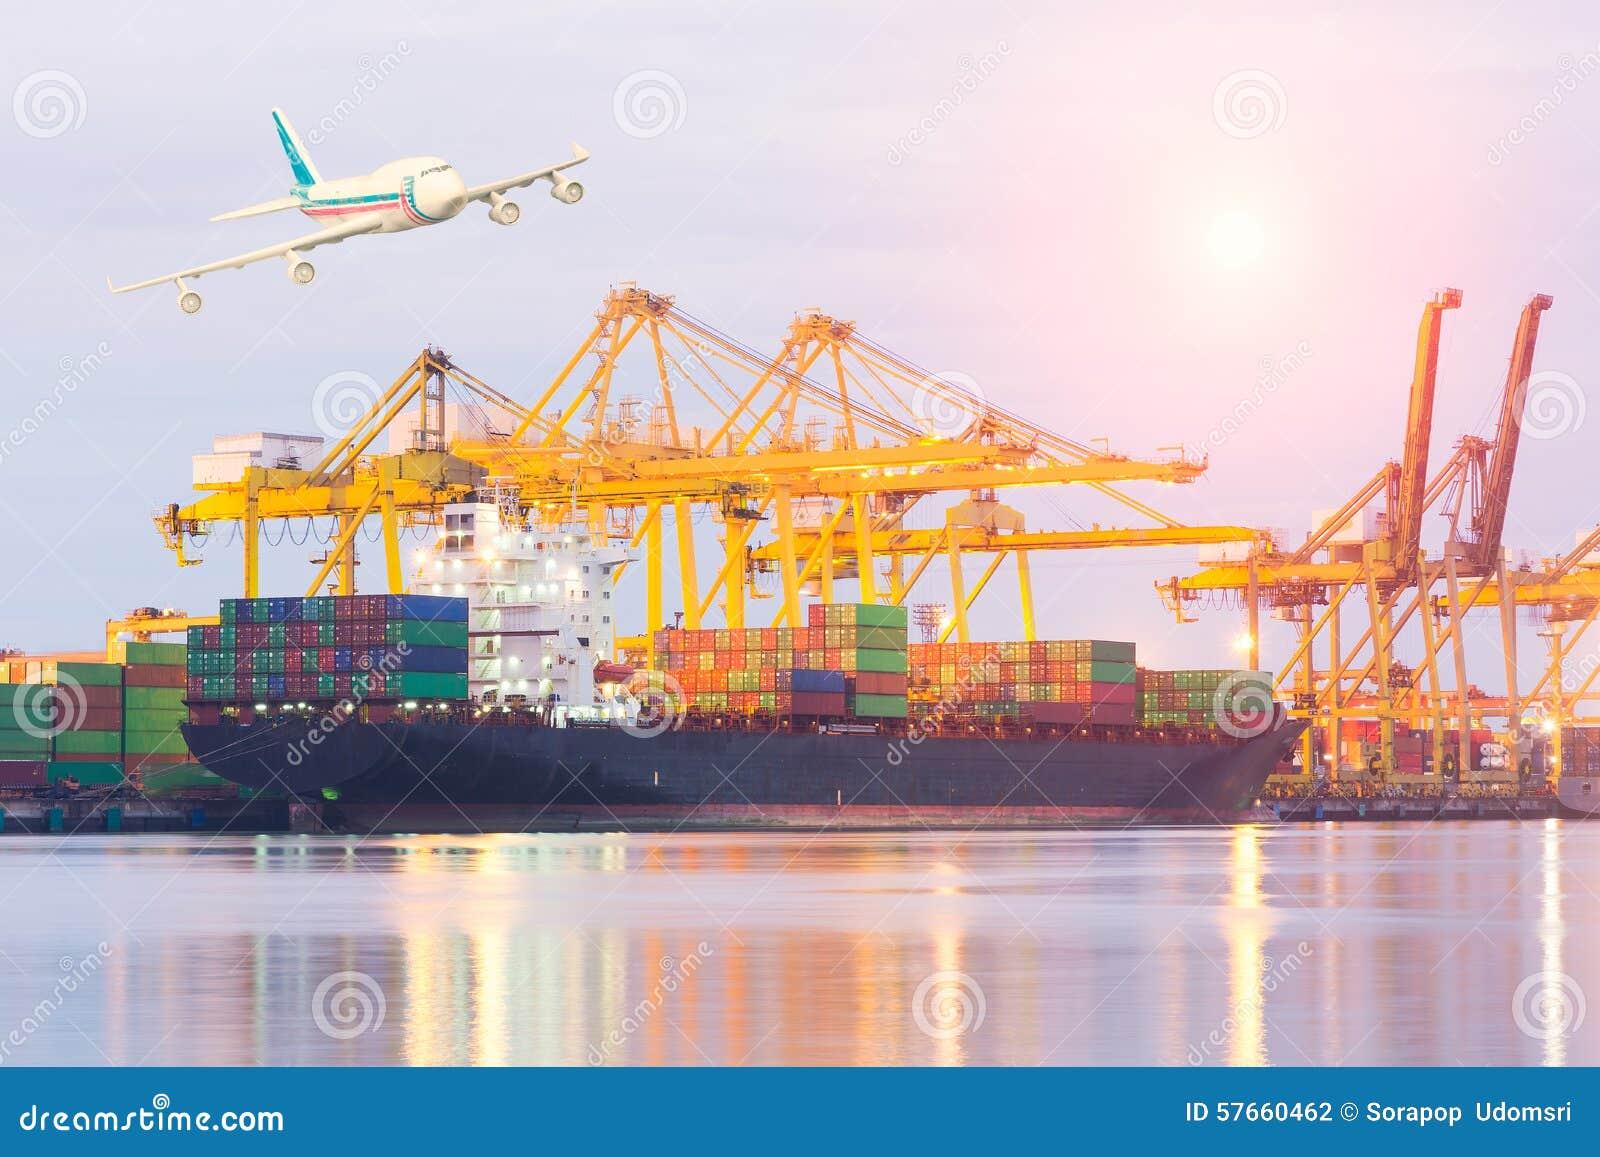 Handlowy port podczas gdy ładunek praca